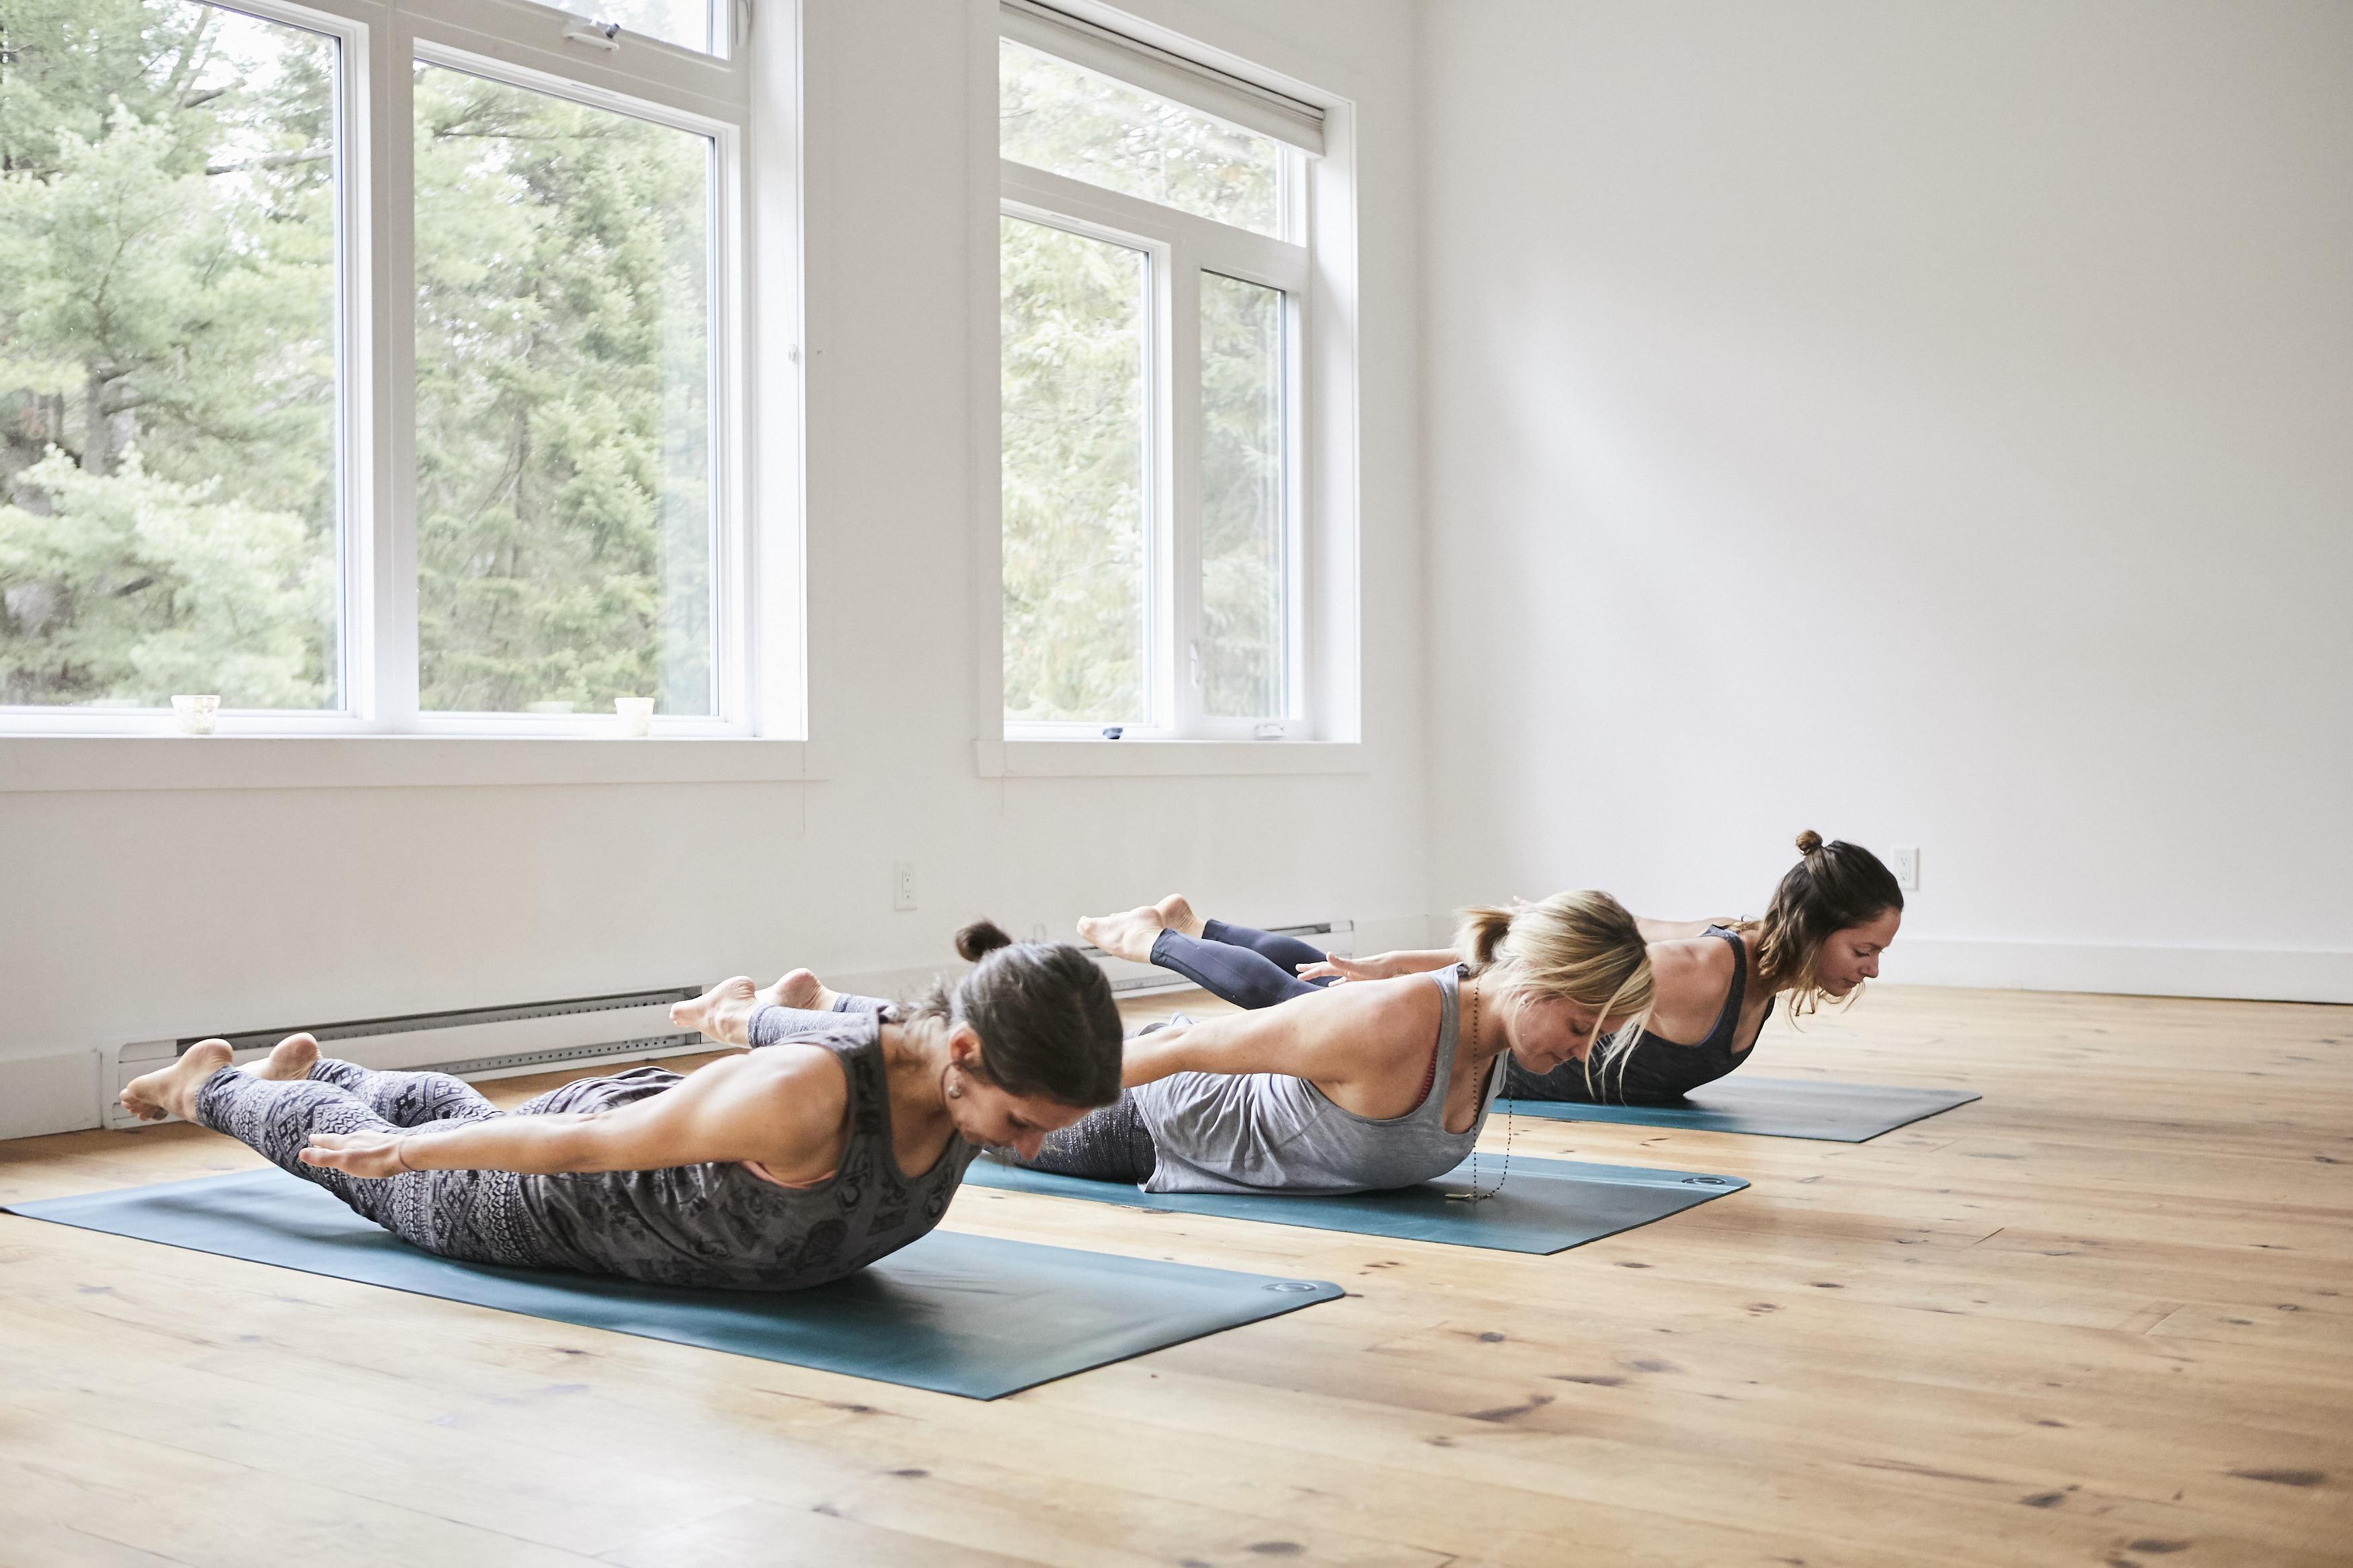 Une Retraite Yoga Et Nature Pour Se Faire Du Bien Bloome